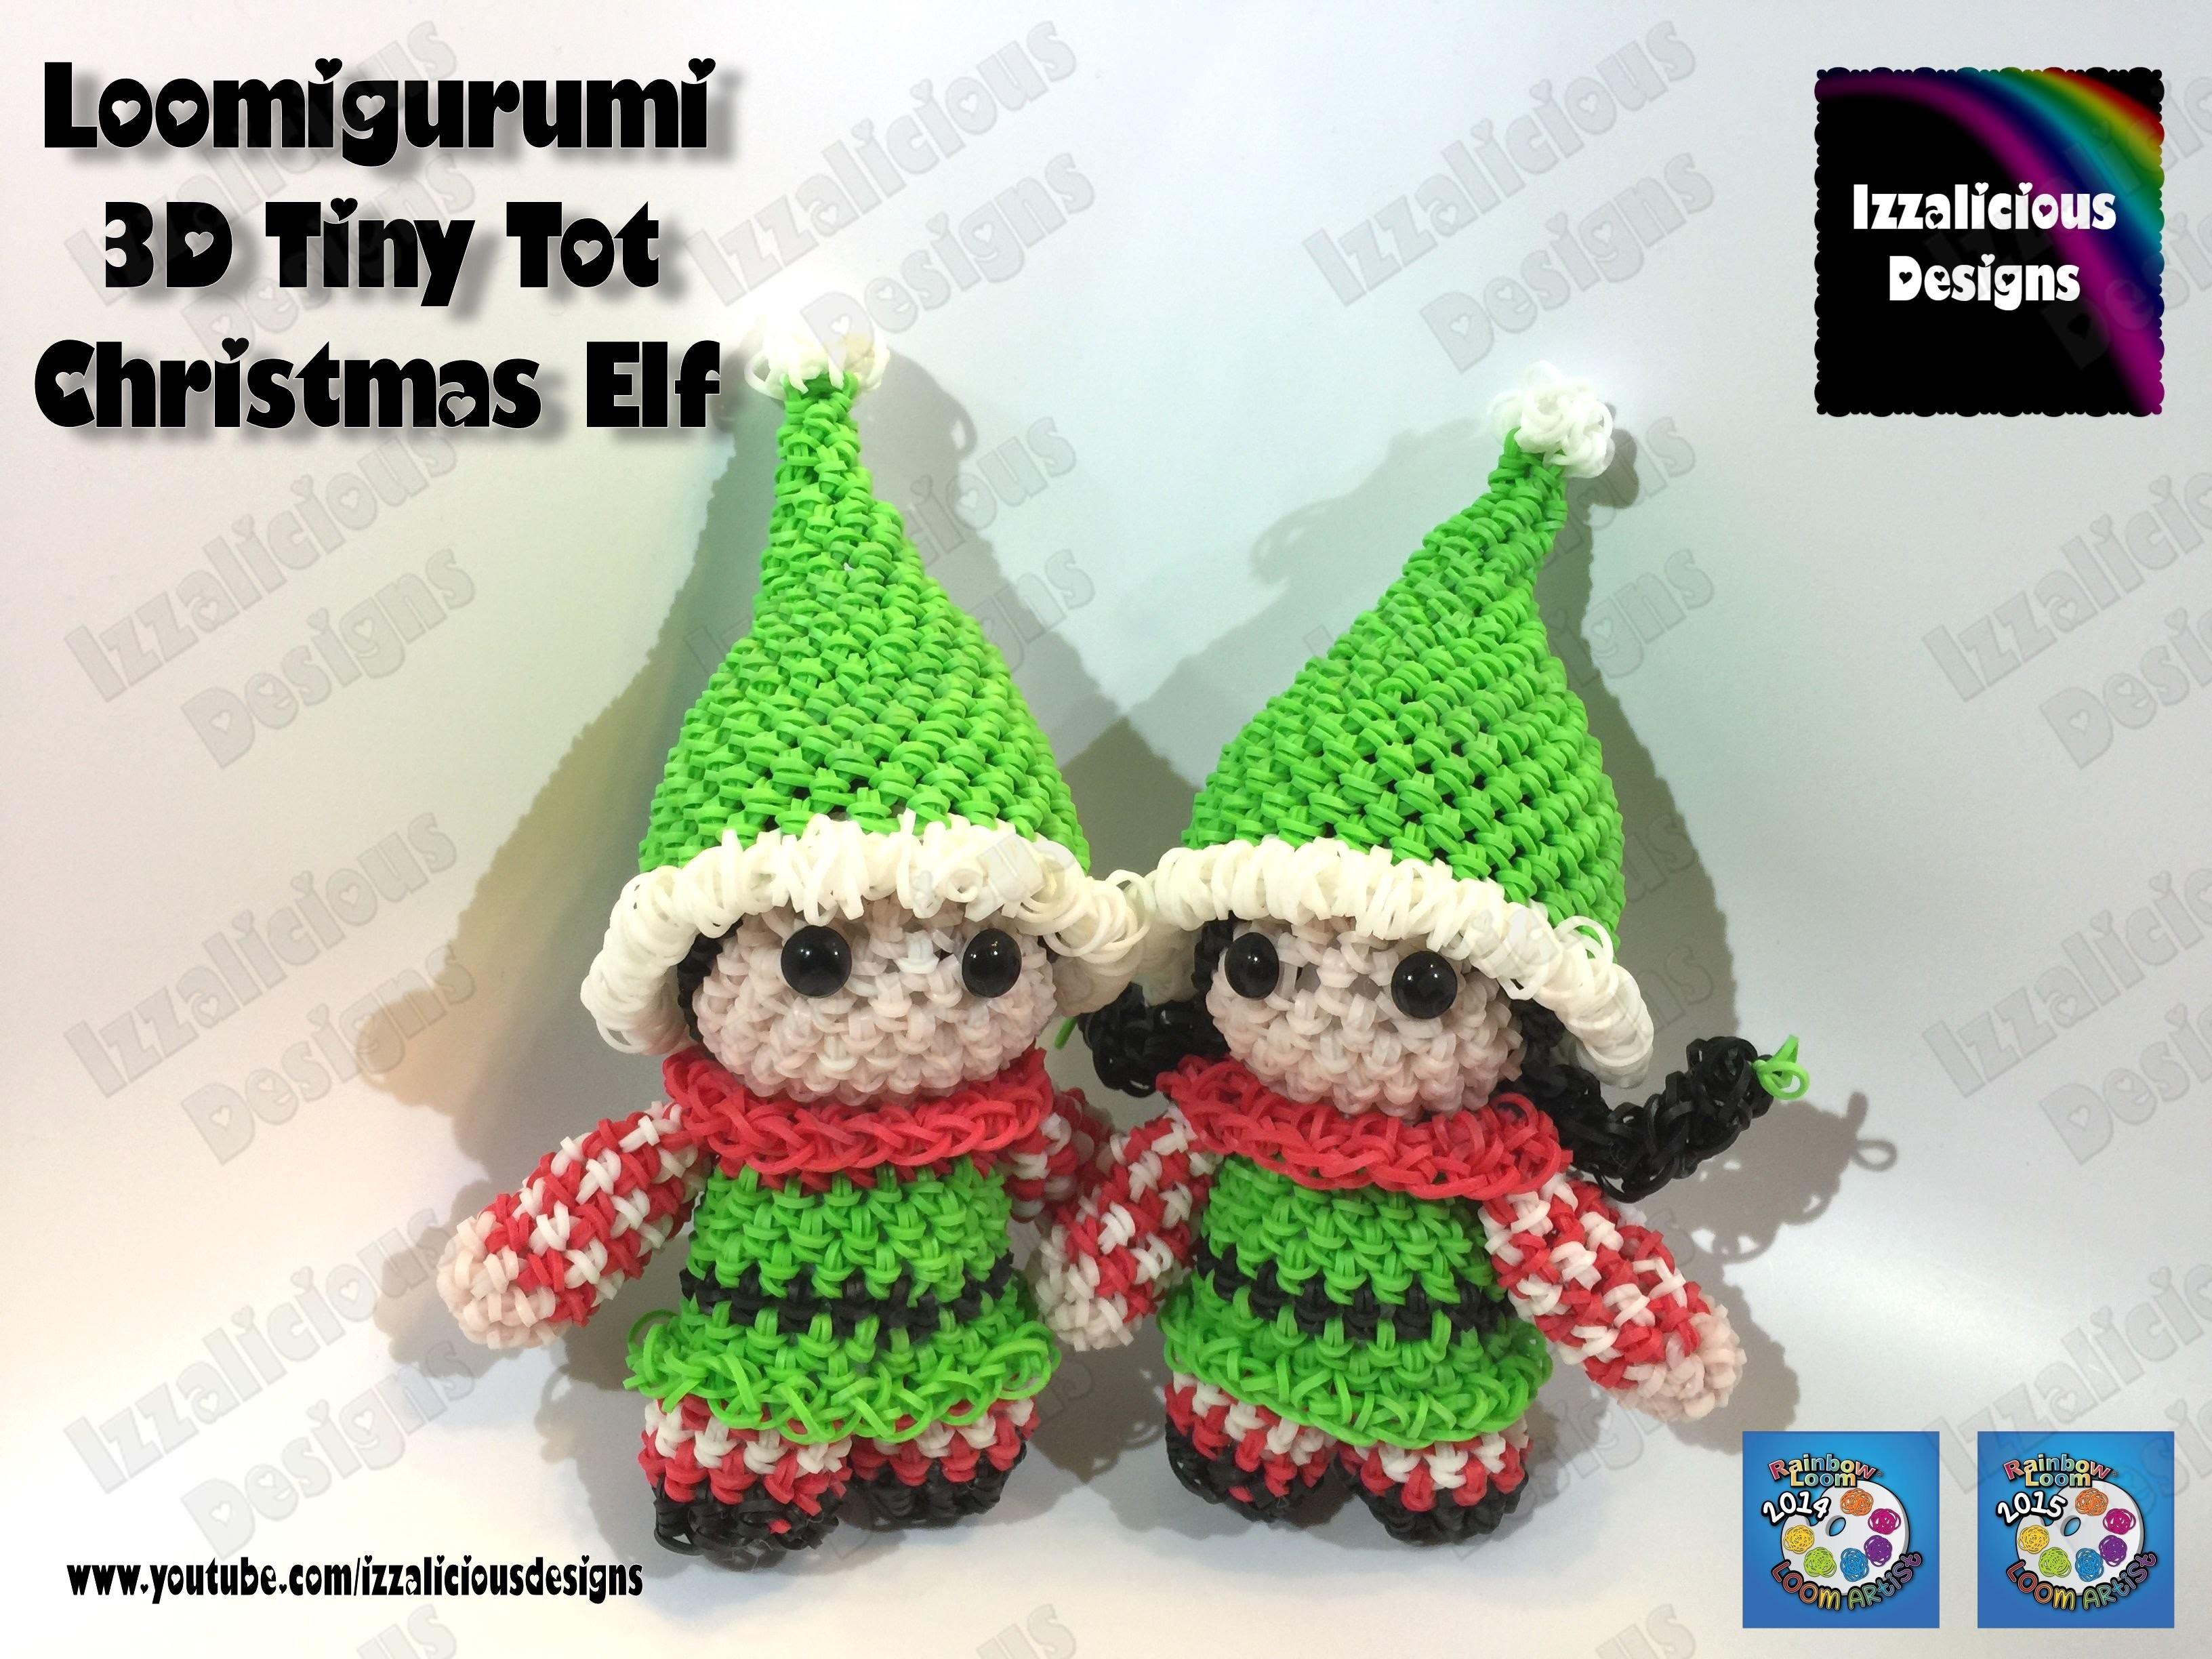 Rainbow Loom Elf | Rainbow Loom Loomigurumi Elf | Loomigurumi Elf Tiny Tot Christmas Figure